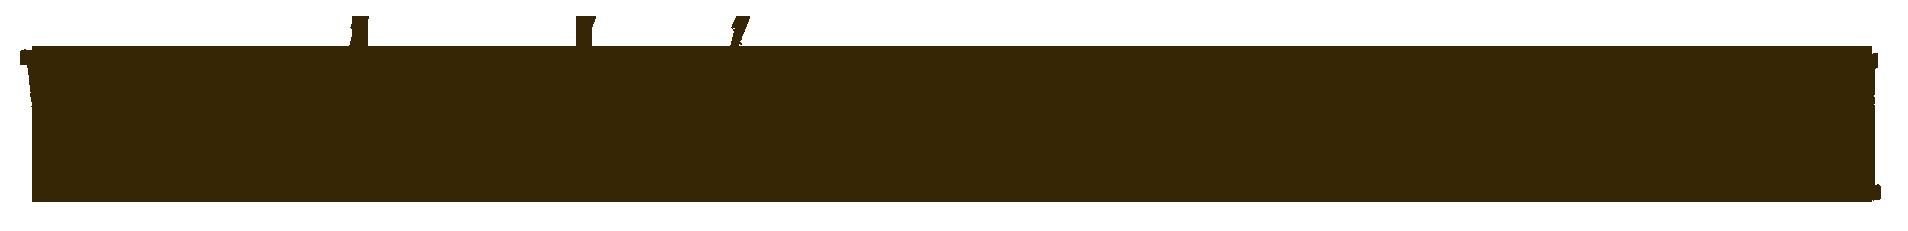 Venéglátás western fokon